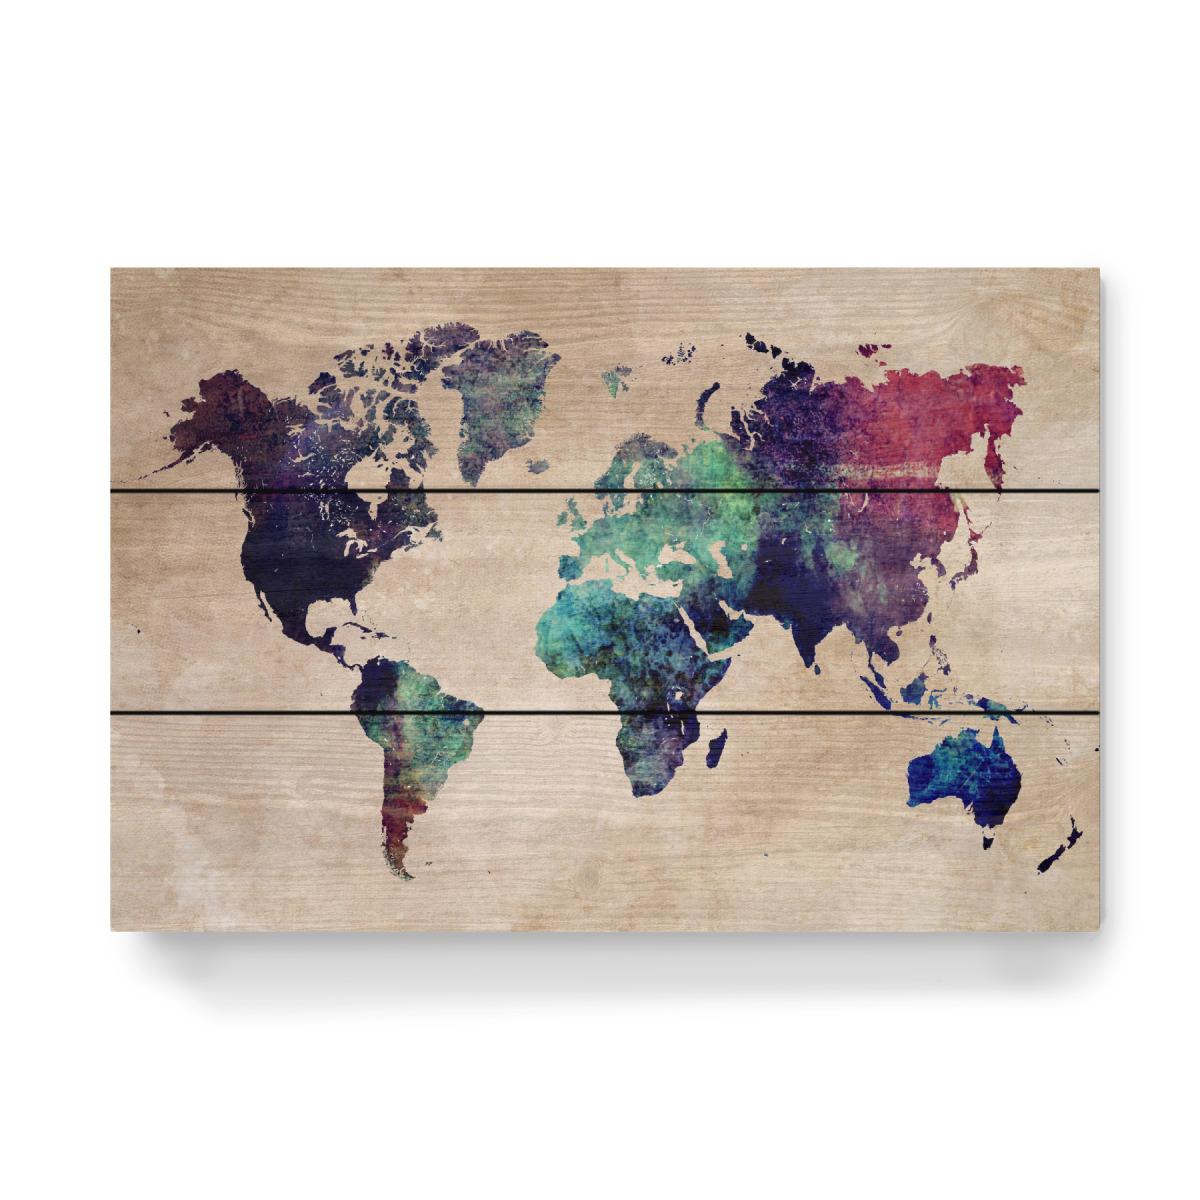 world map 2 after nuclear war als Holzbild bei artboxONE kaufen